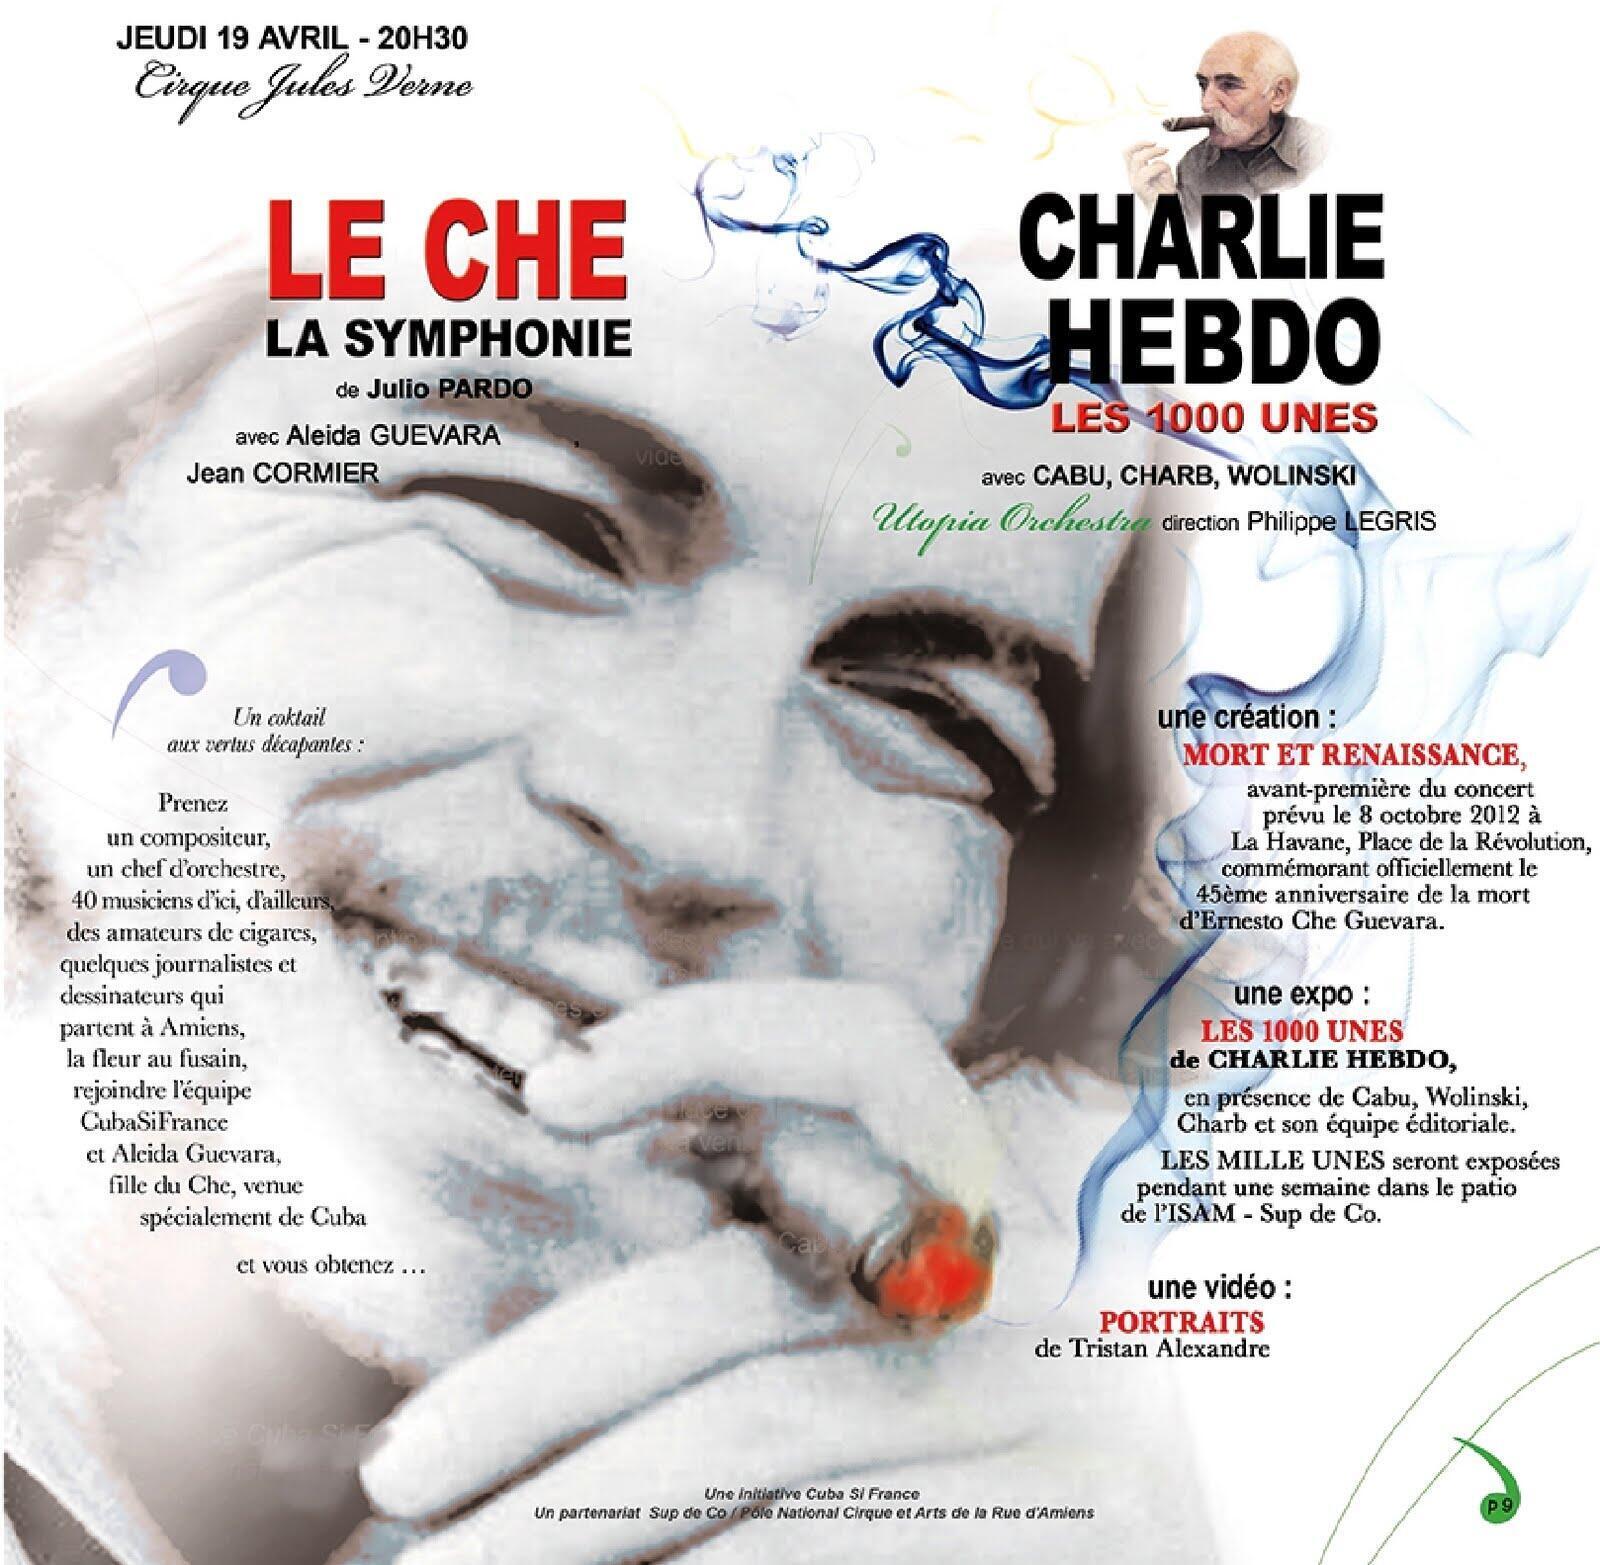 La sinfonía compuesta en homenaje al Che se interpretará por primera vez este 19 de abril en la ciudad francesa de Amiens.